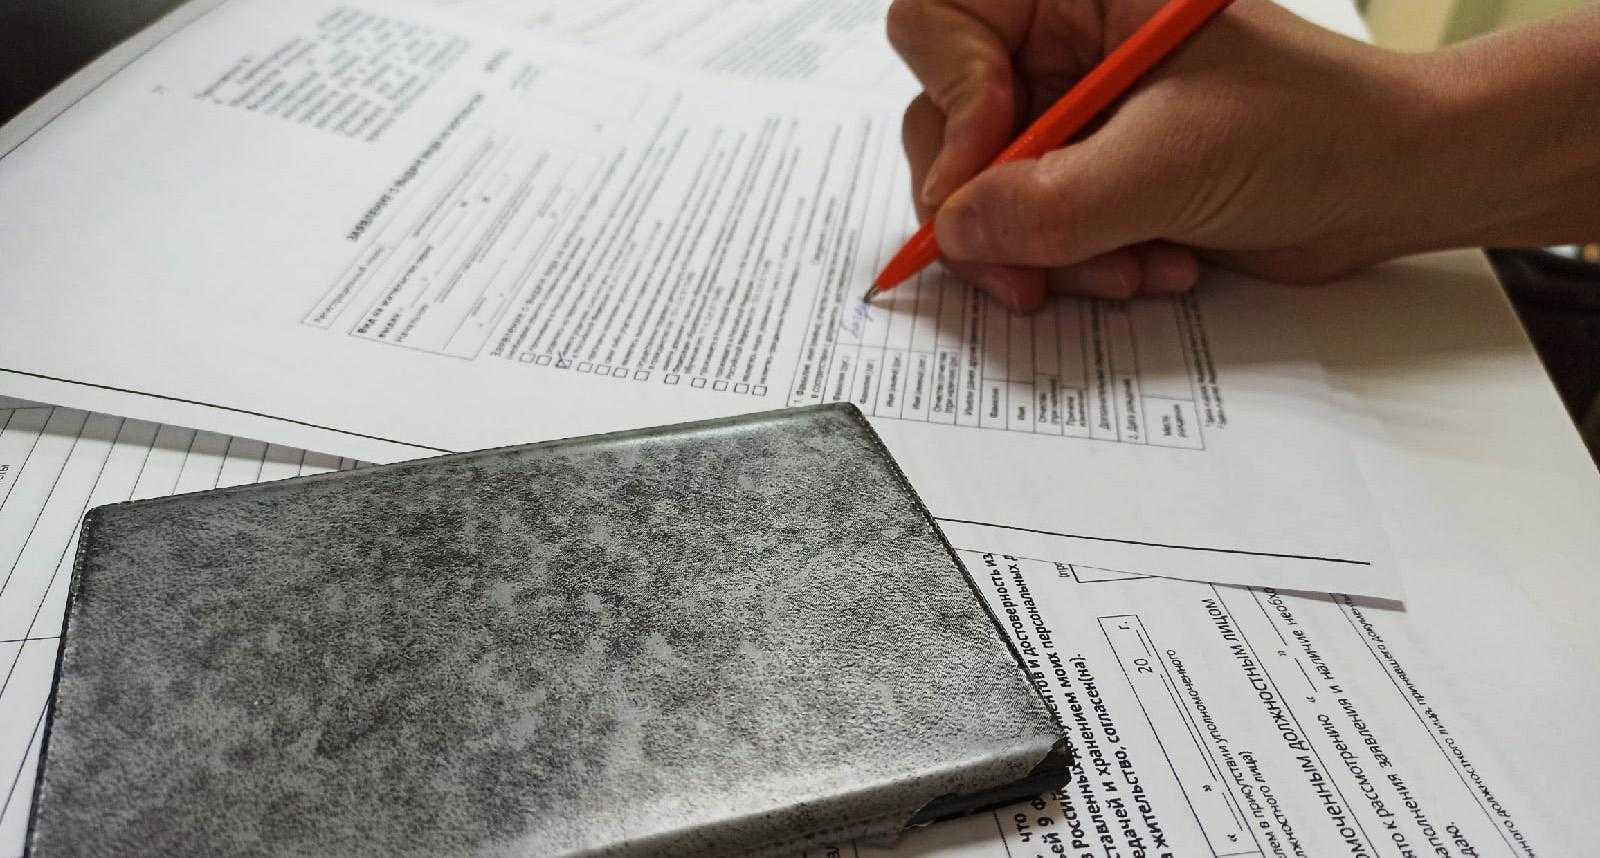 продление документов мигрантам до 15 марта